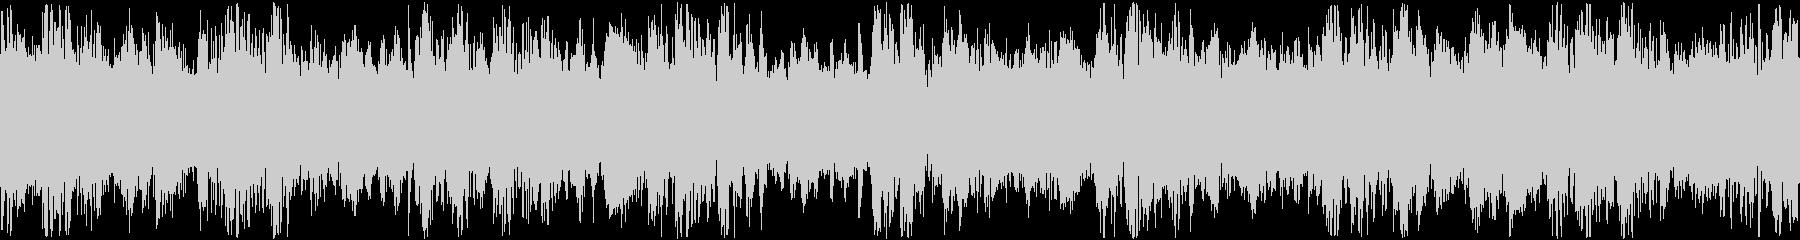 シシネマチックでケルトっぽい曲の短ループの未再生の波形